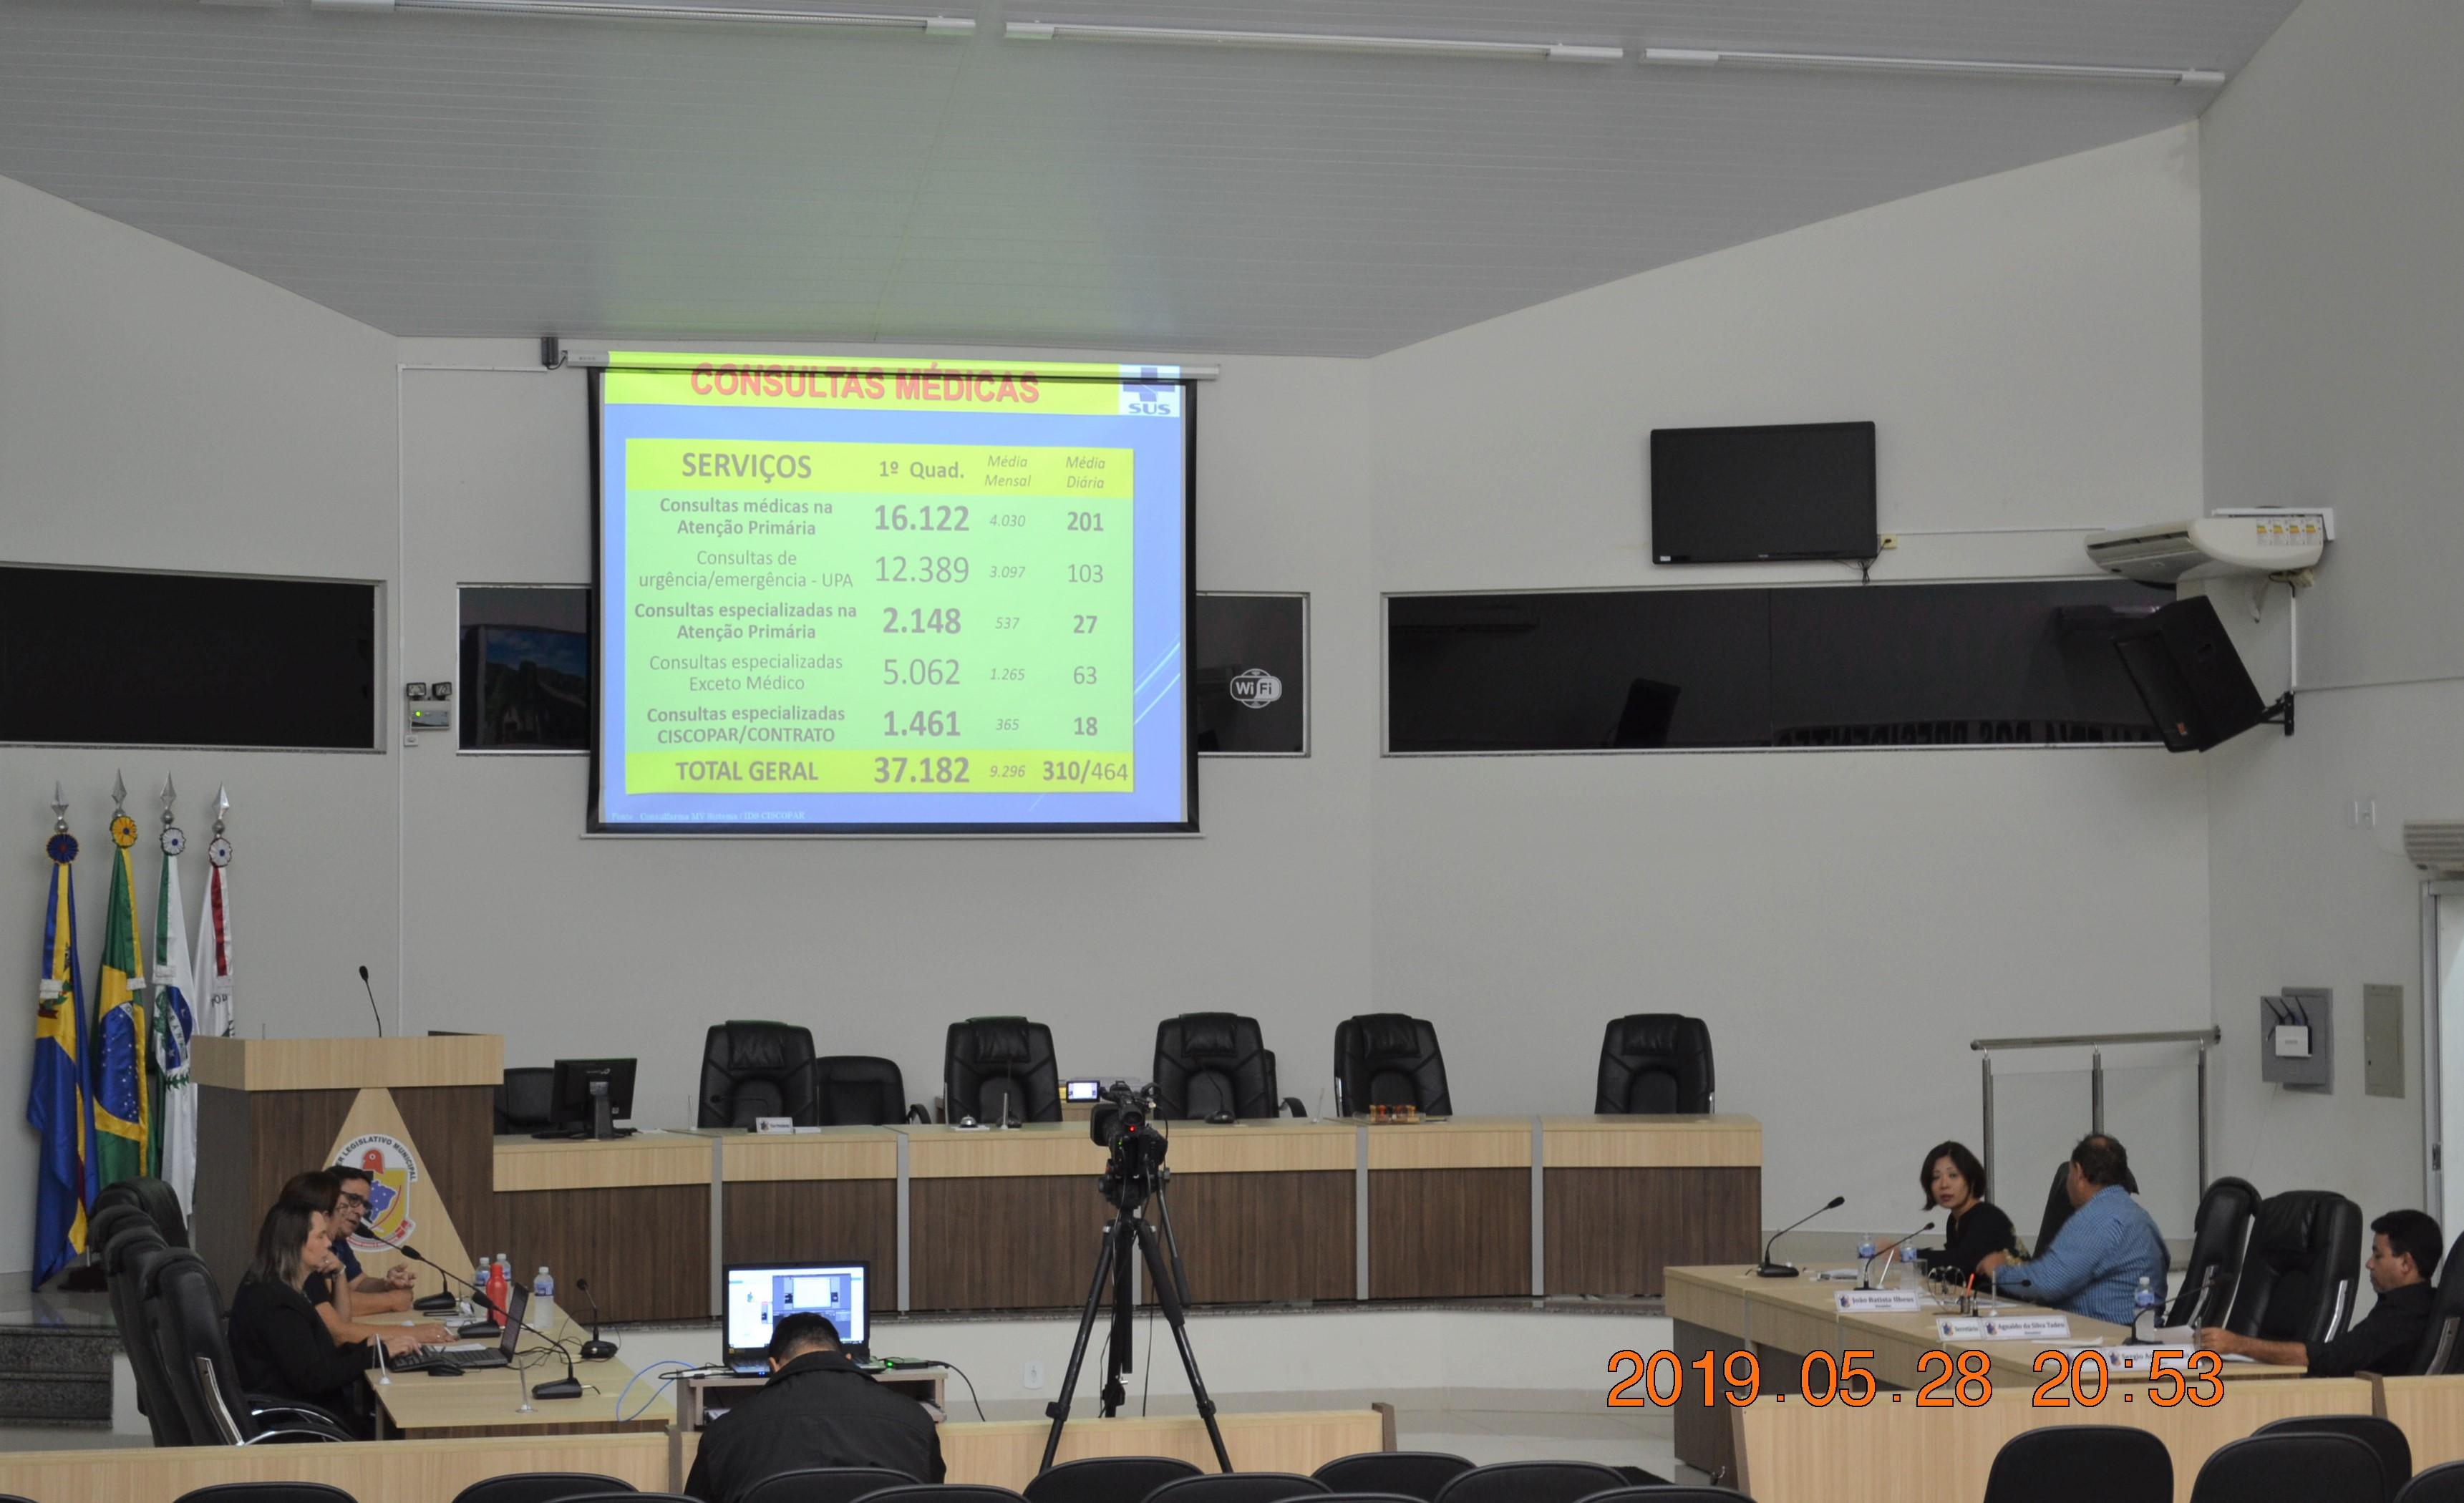 CÂMARA REALIZA AUDIÊNCIA PÚBLICA PARA PRESTAÇÃO DE CONTAS DO EXECUTIVO E LEGISLATIVO